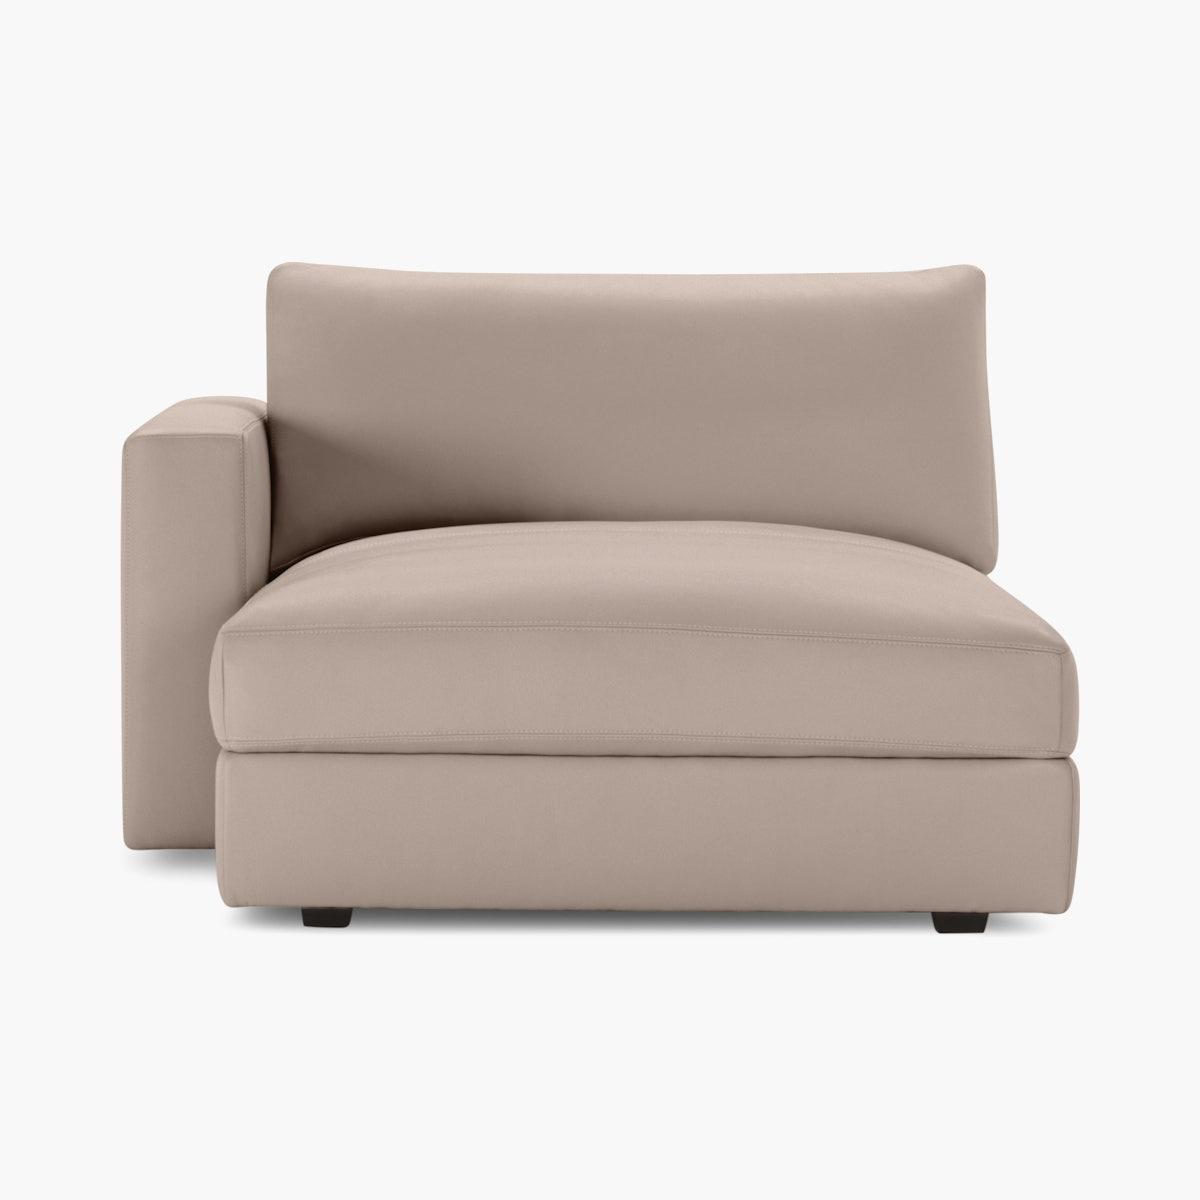 Reid Storage Chaise